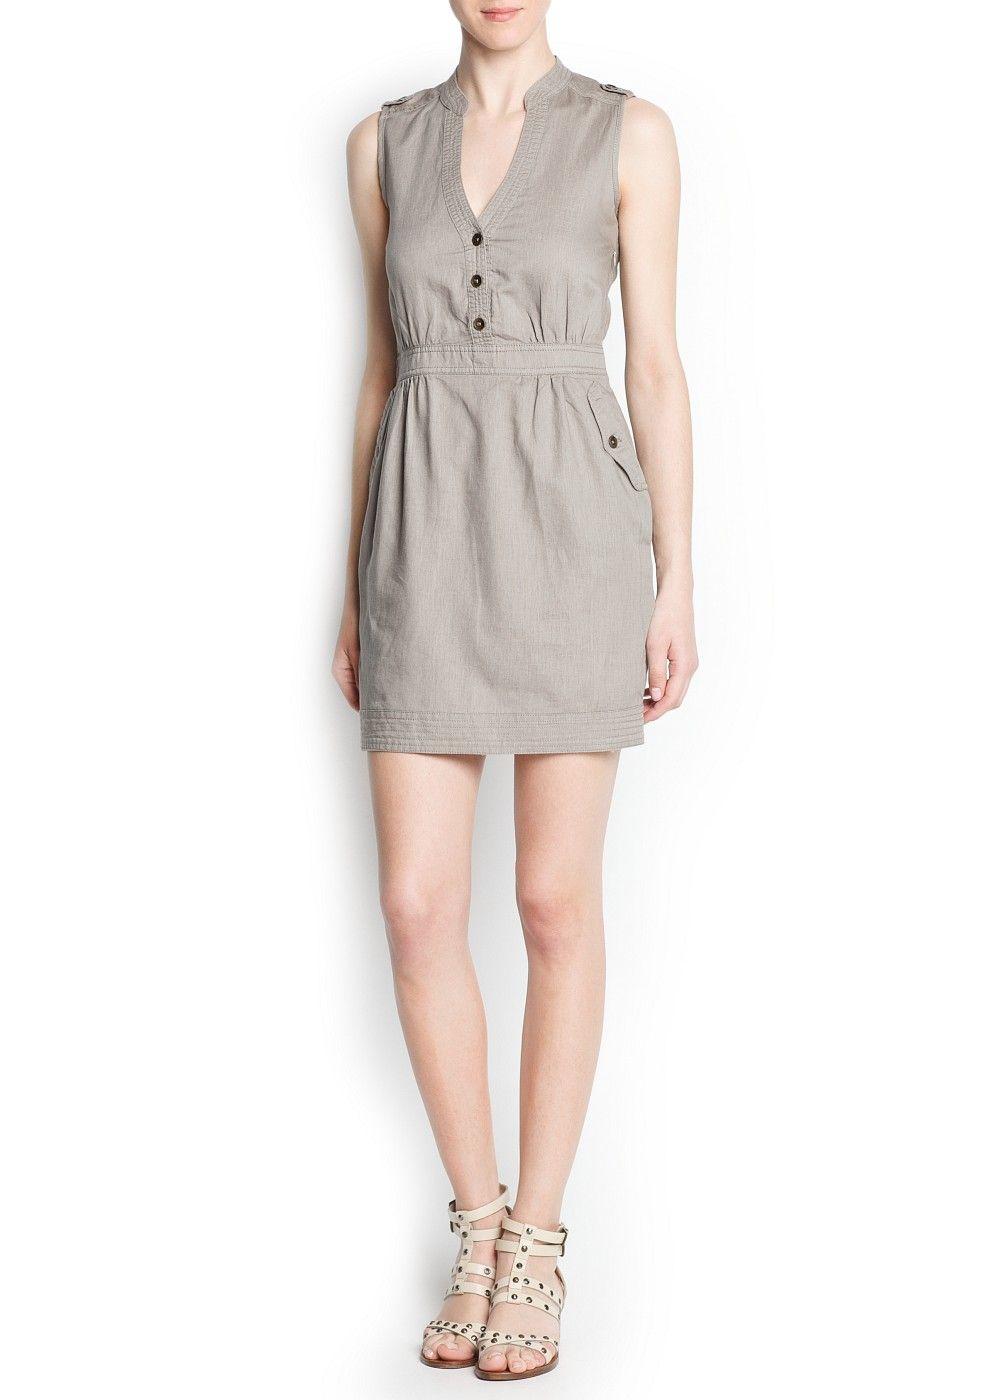 2961e216a Vestido camisero lino y algodón - Mujer